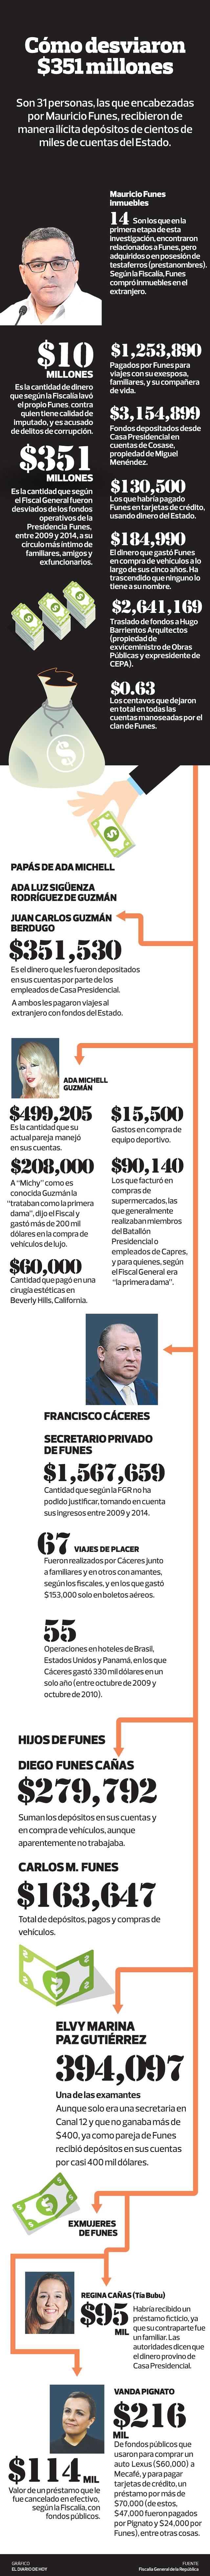 Cómo desviaron $351 millones de El Salvador